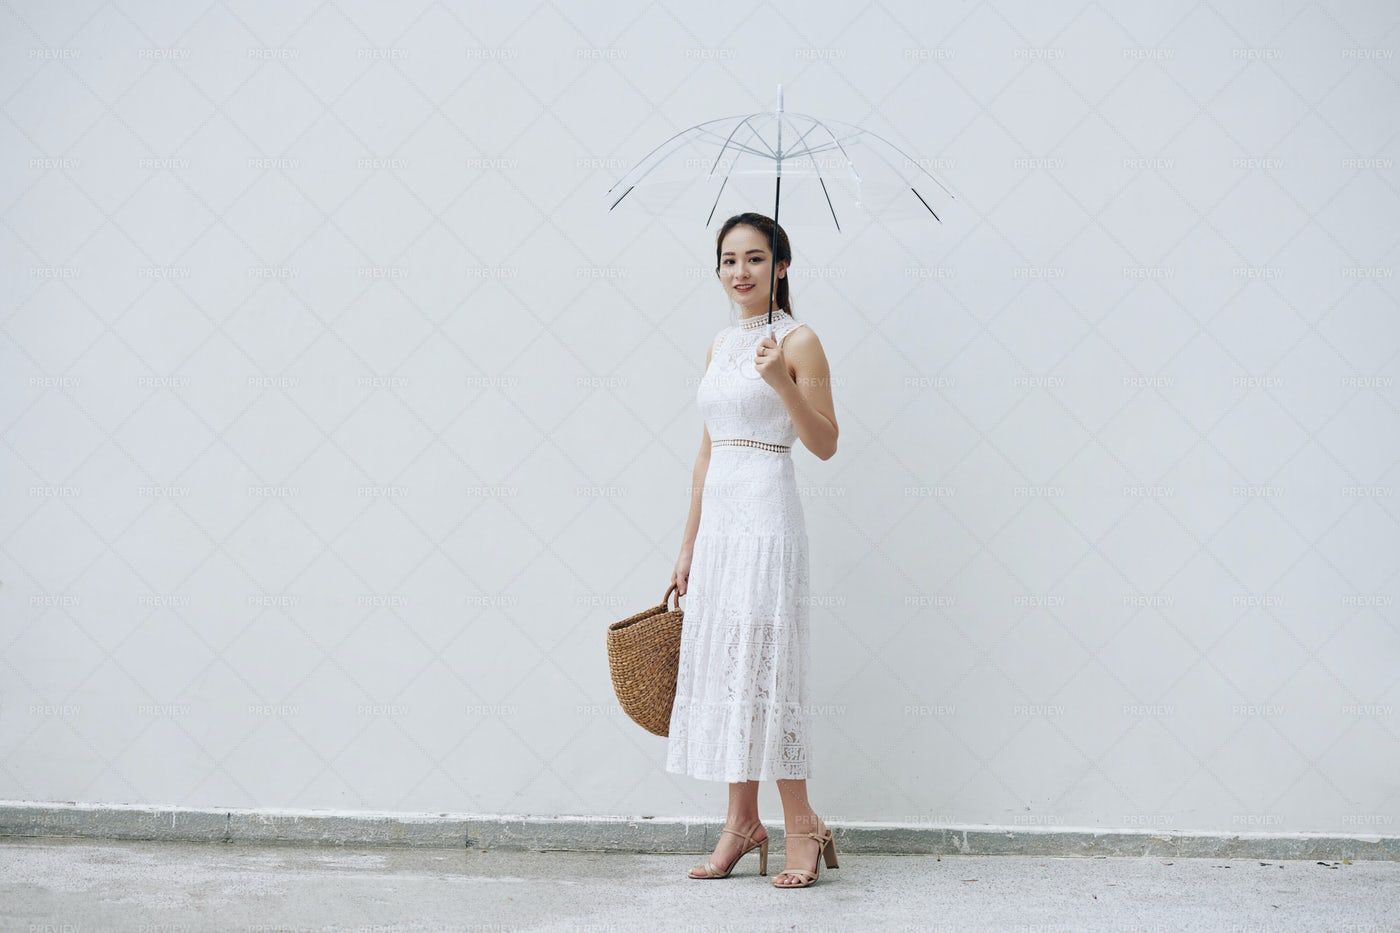 Vietnamese Woman With Umbrella: Stock Photos